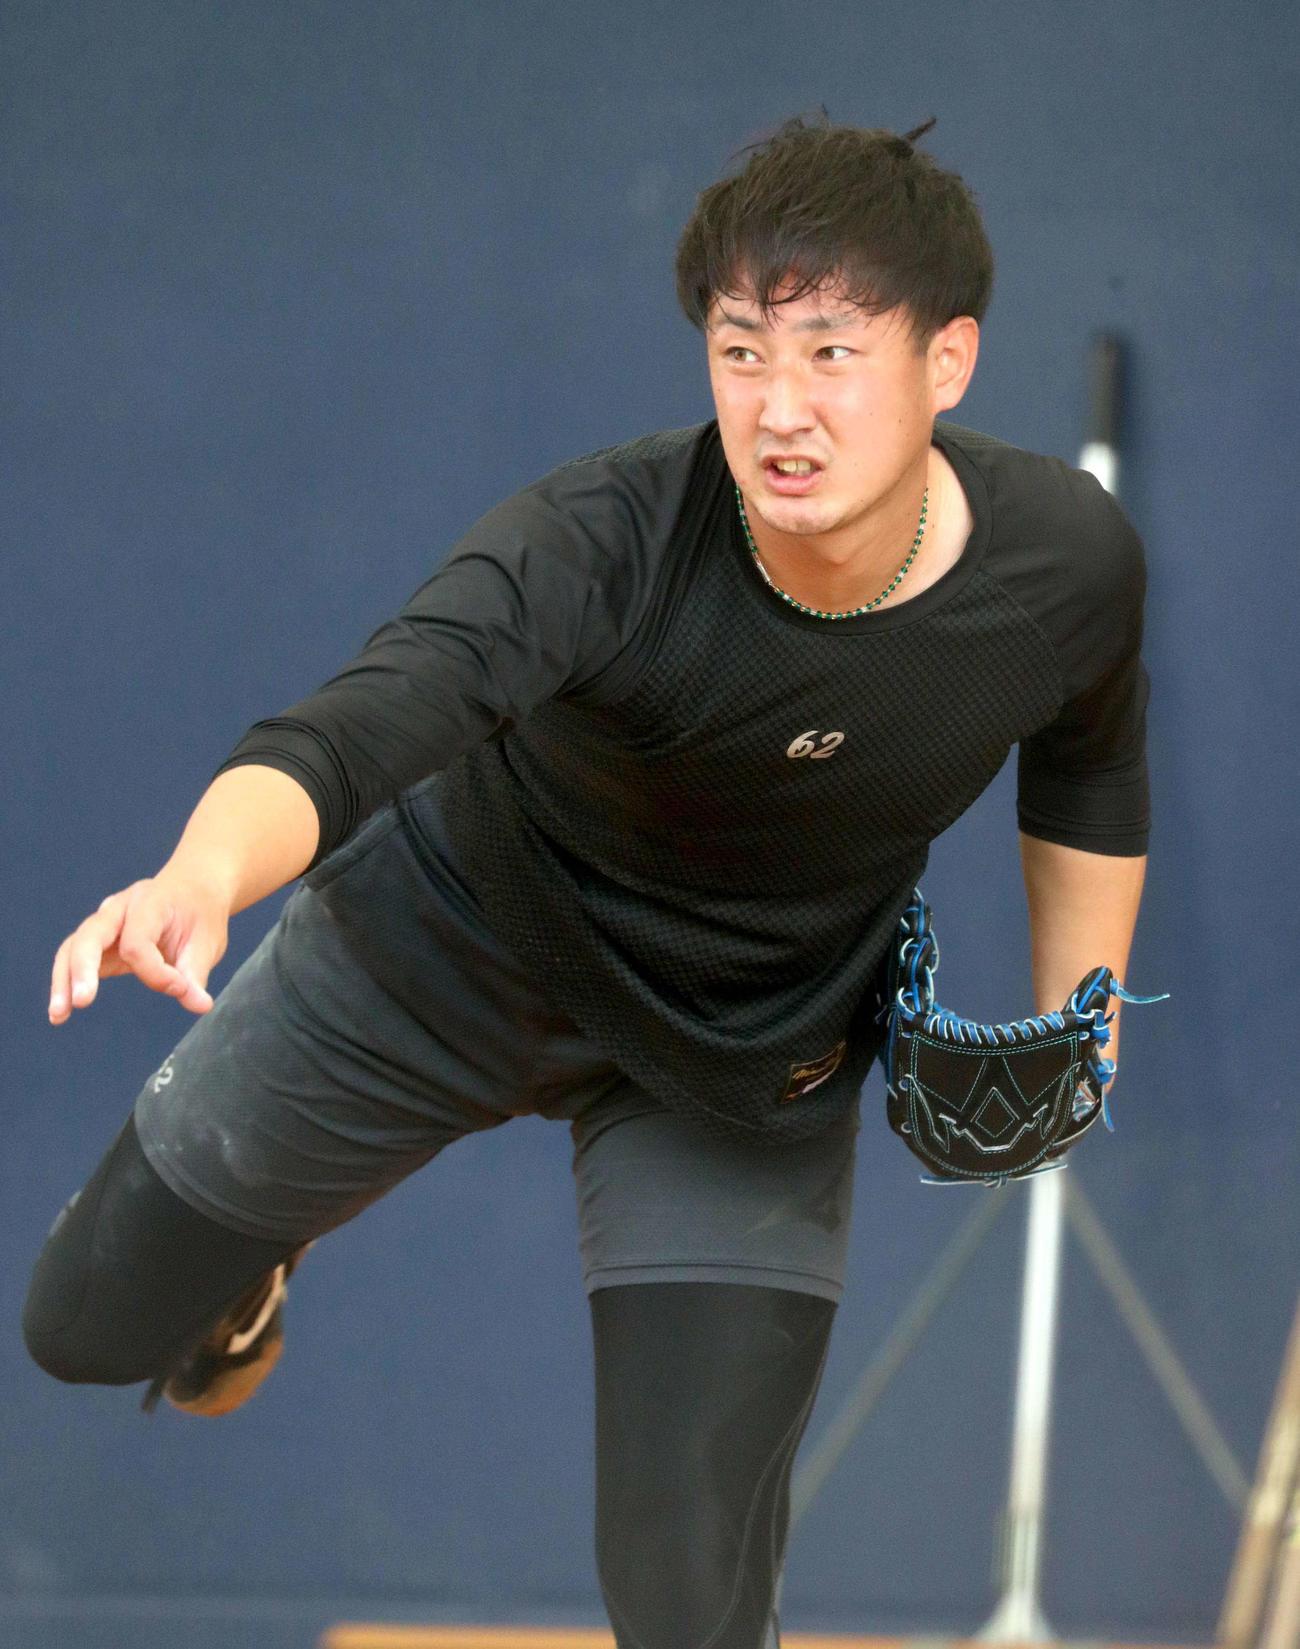 ブルペンで投球する日本ハム望月(撮影・佐藤翔太)